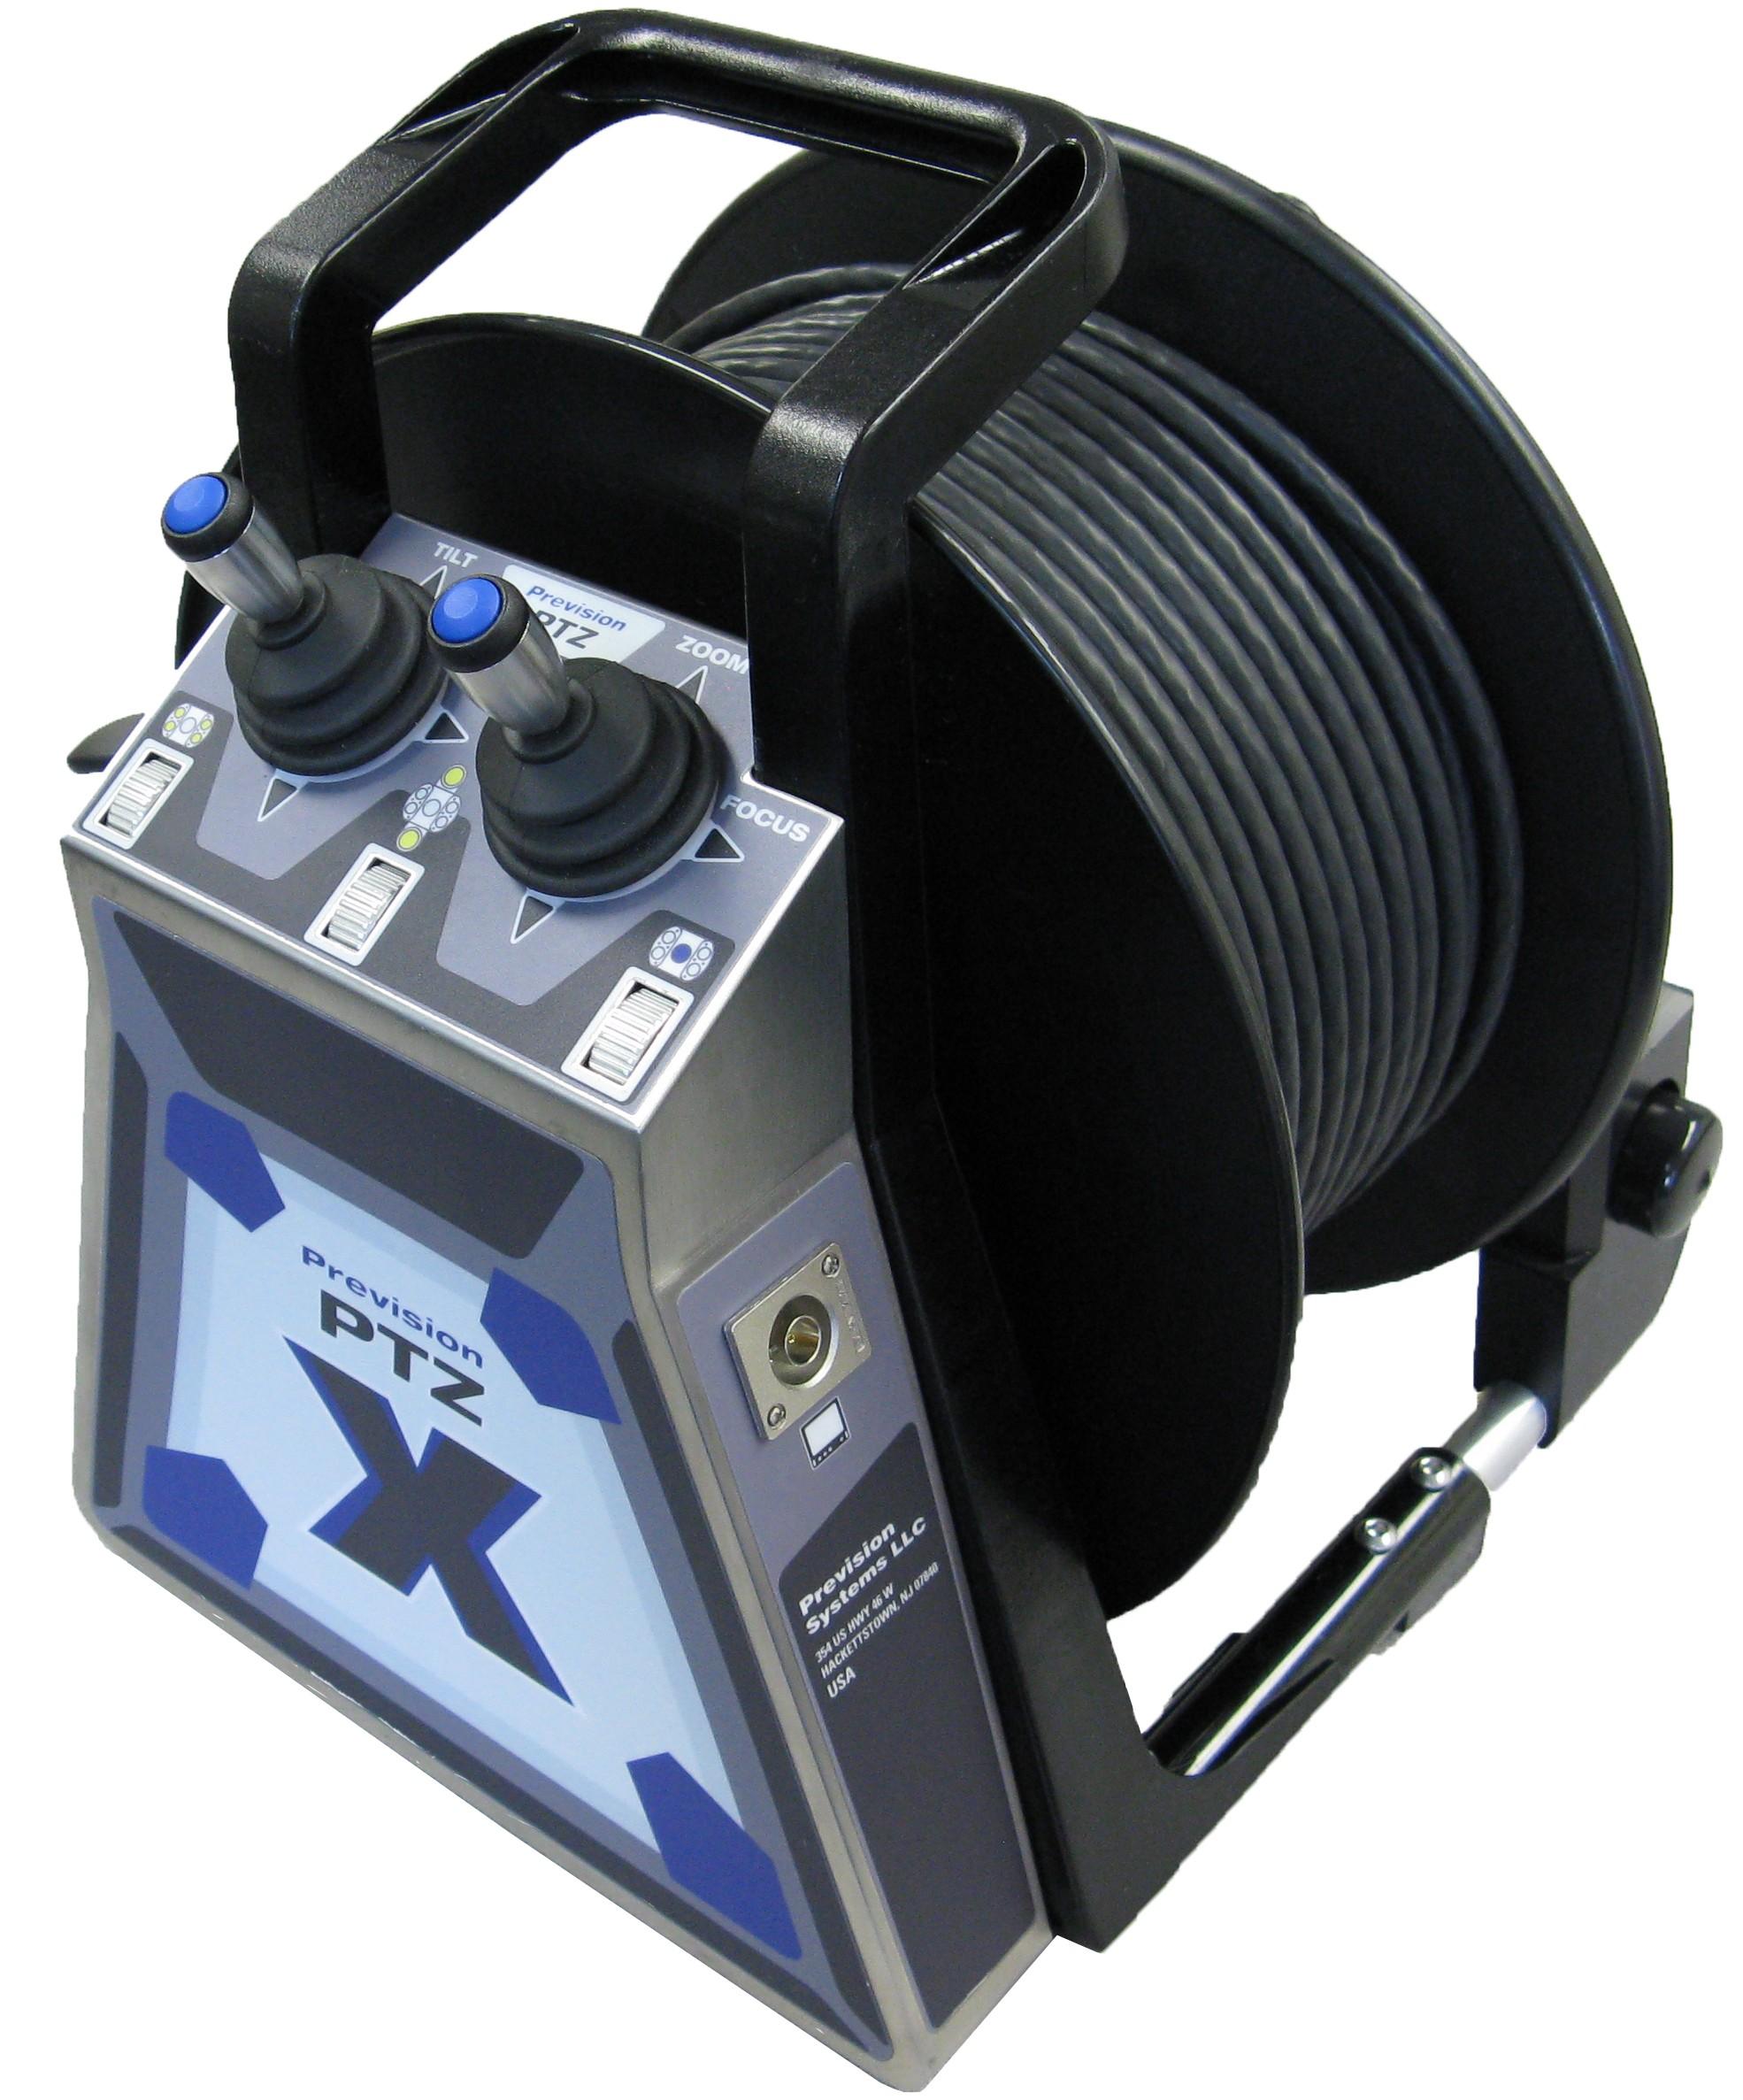 Rents Com: AIT Rents: Pan Tilt Zoom Tank Inspection Camera Rentals